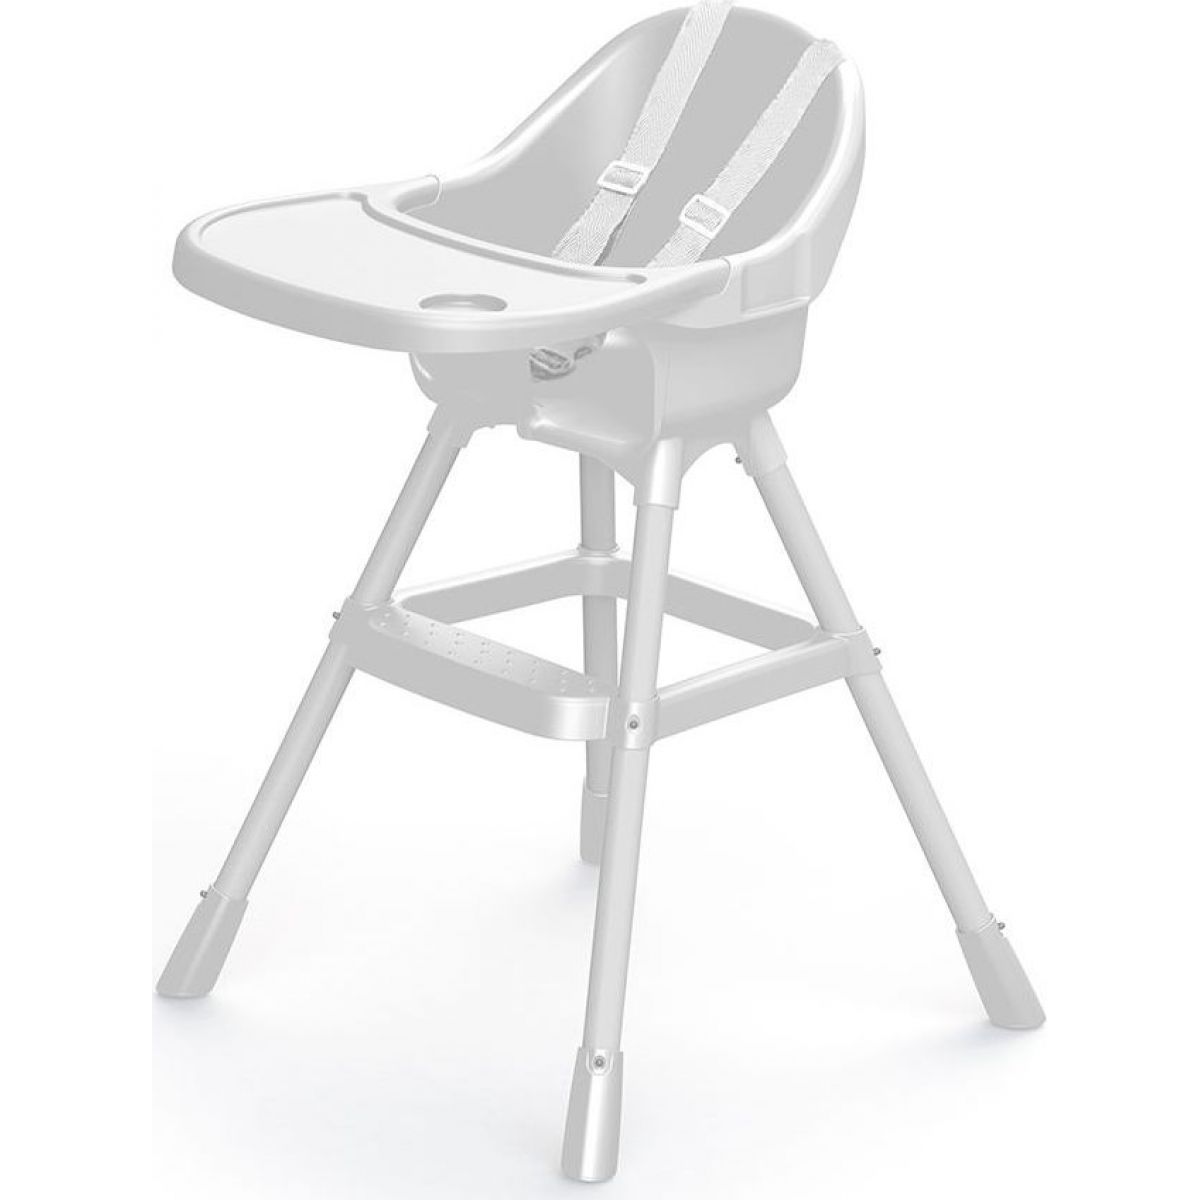 Dolu Dětská jídelní židlička bílá